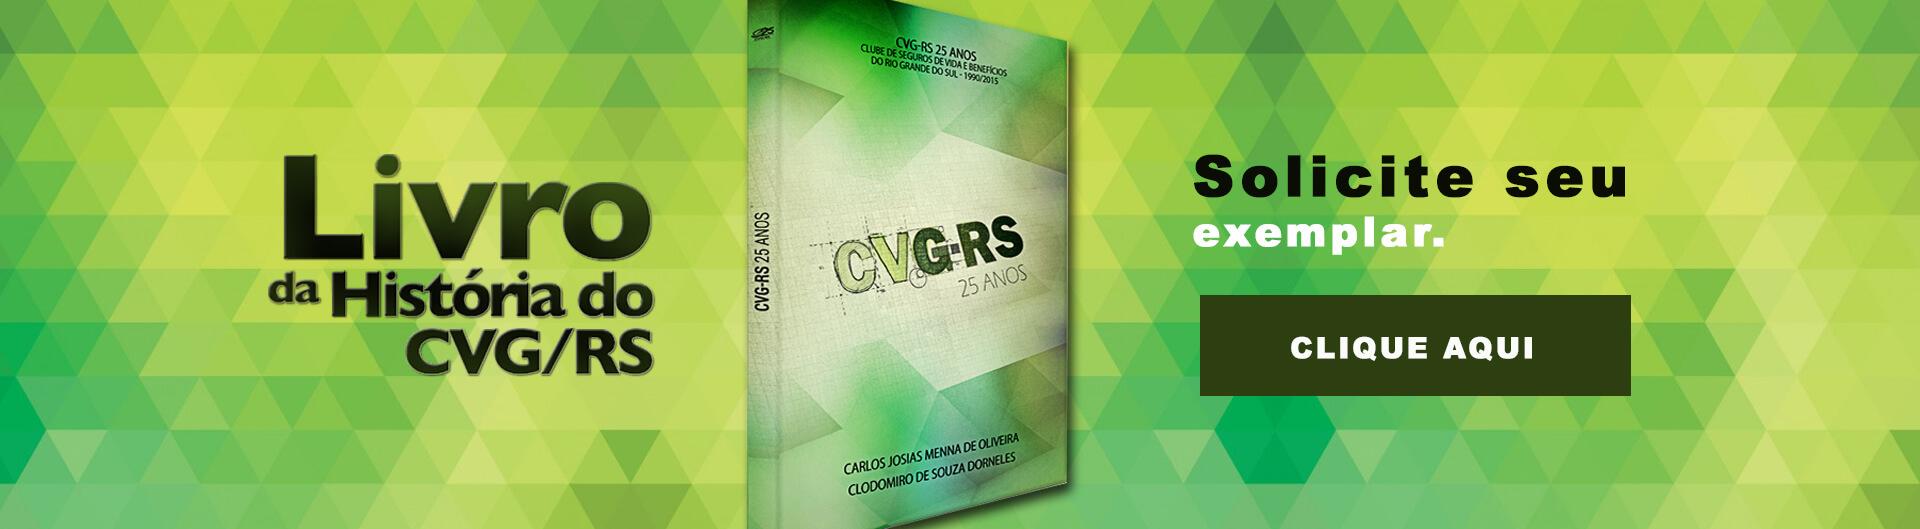 livro-cvgrs